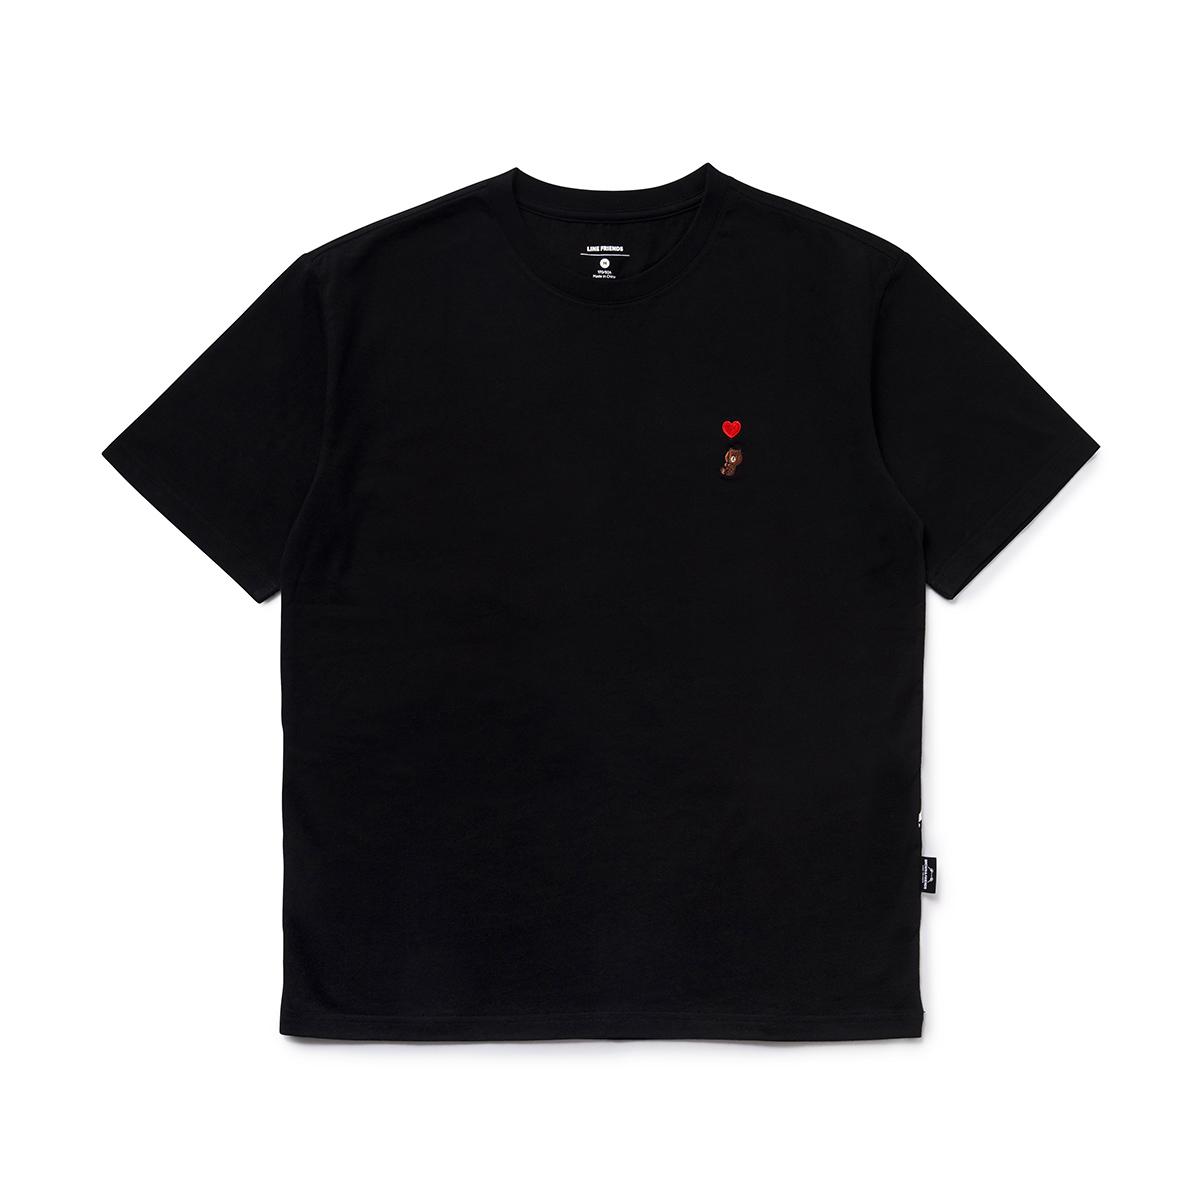 블랙 브라운 커플 티셔츠 (M,L)